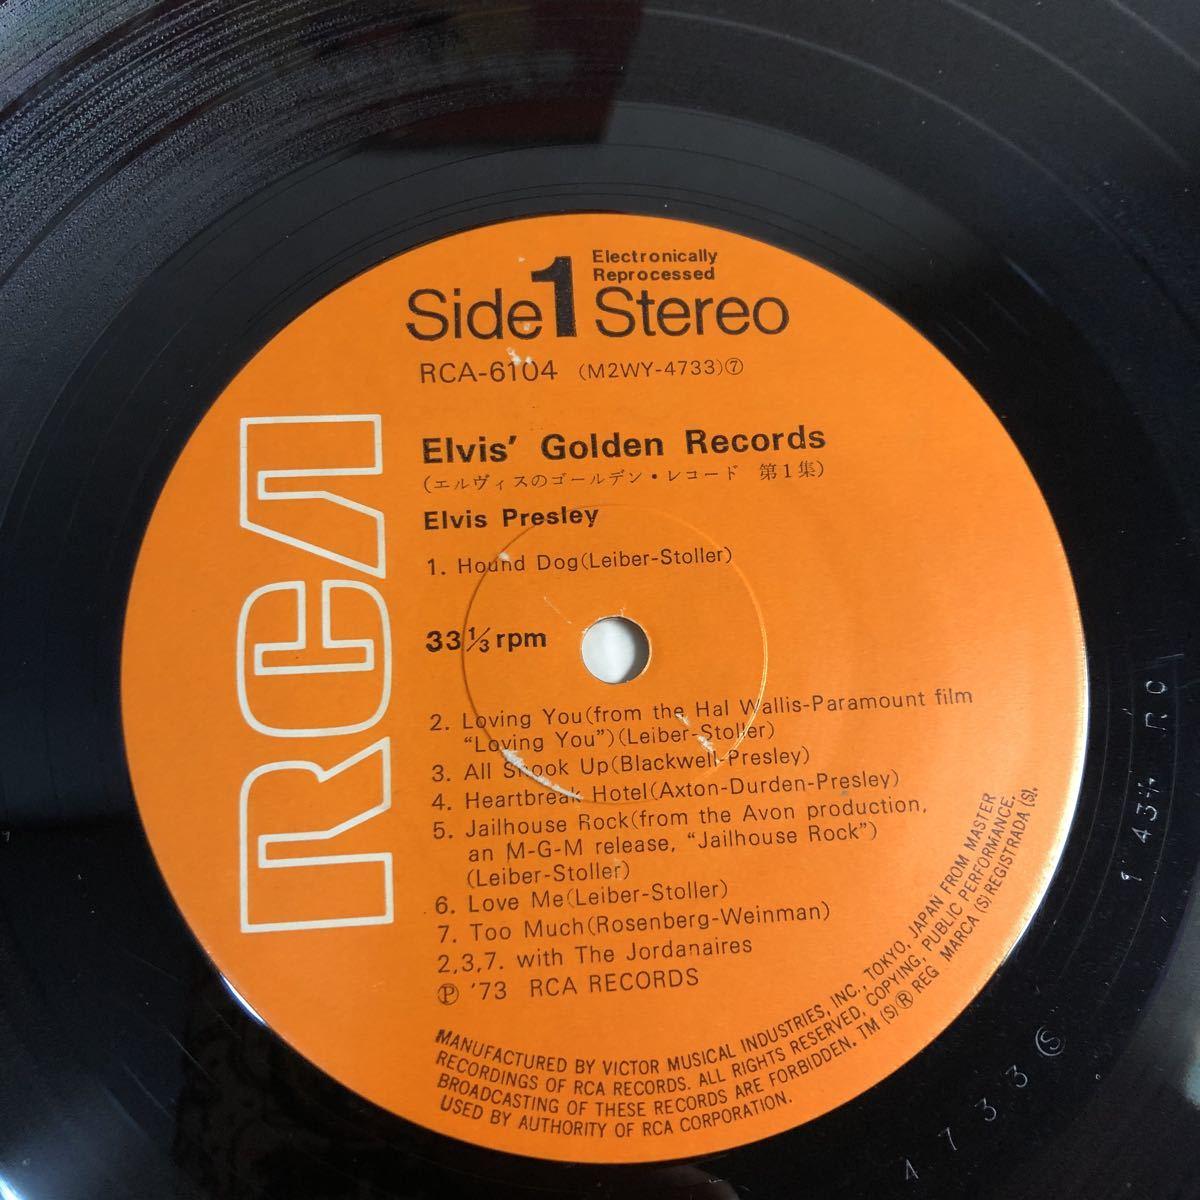 レア盤★LPレコード★エルヴィス・プレスリー★エルヴィスのゴールデン・レコード第1集★ 是非この機会に レコード多数出品中_画像5